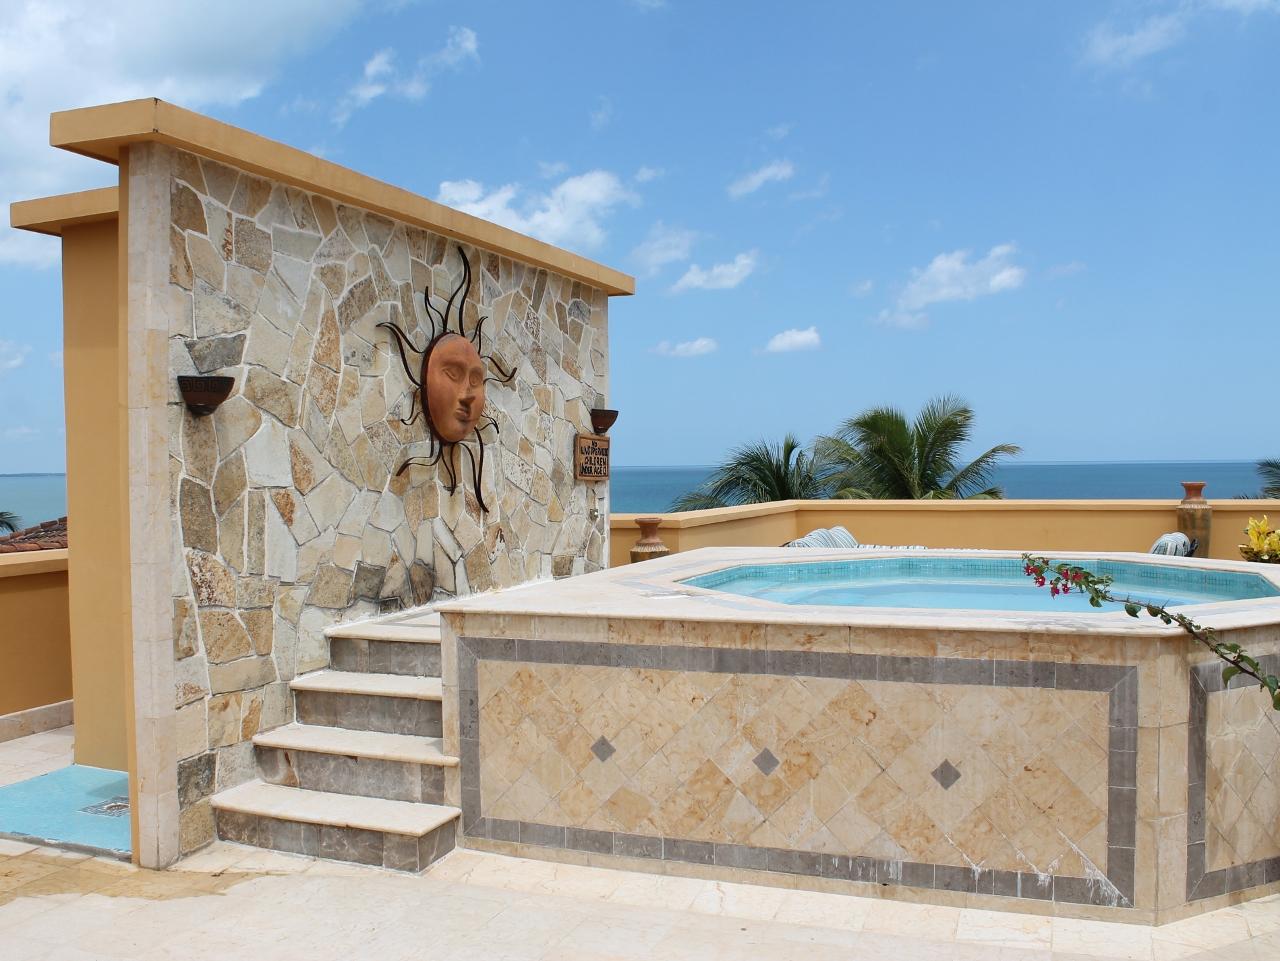 Villa Verano, Hopkins Beach, Belize